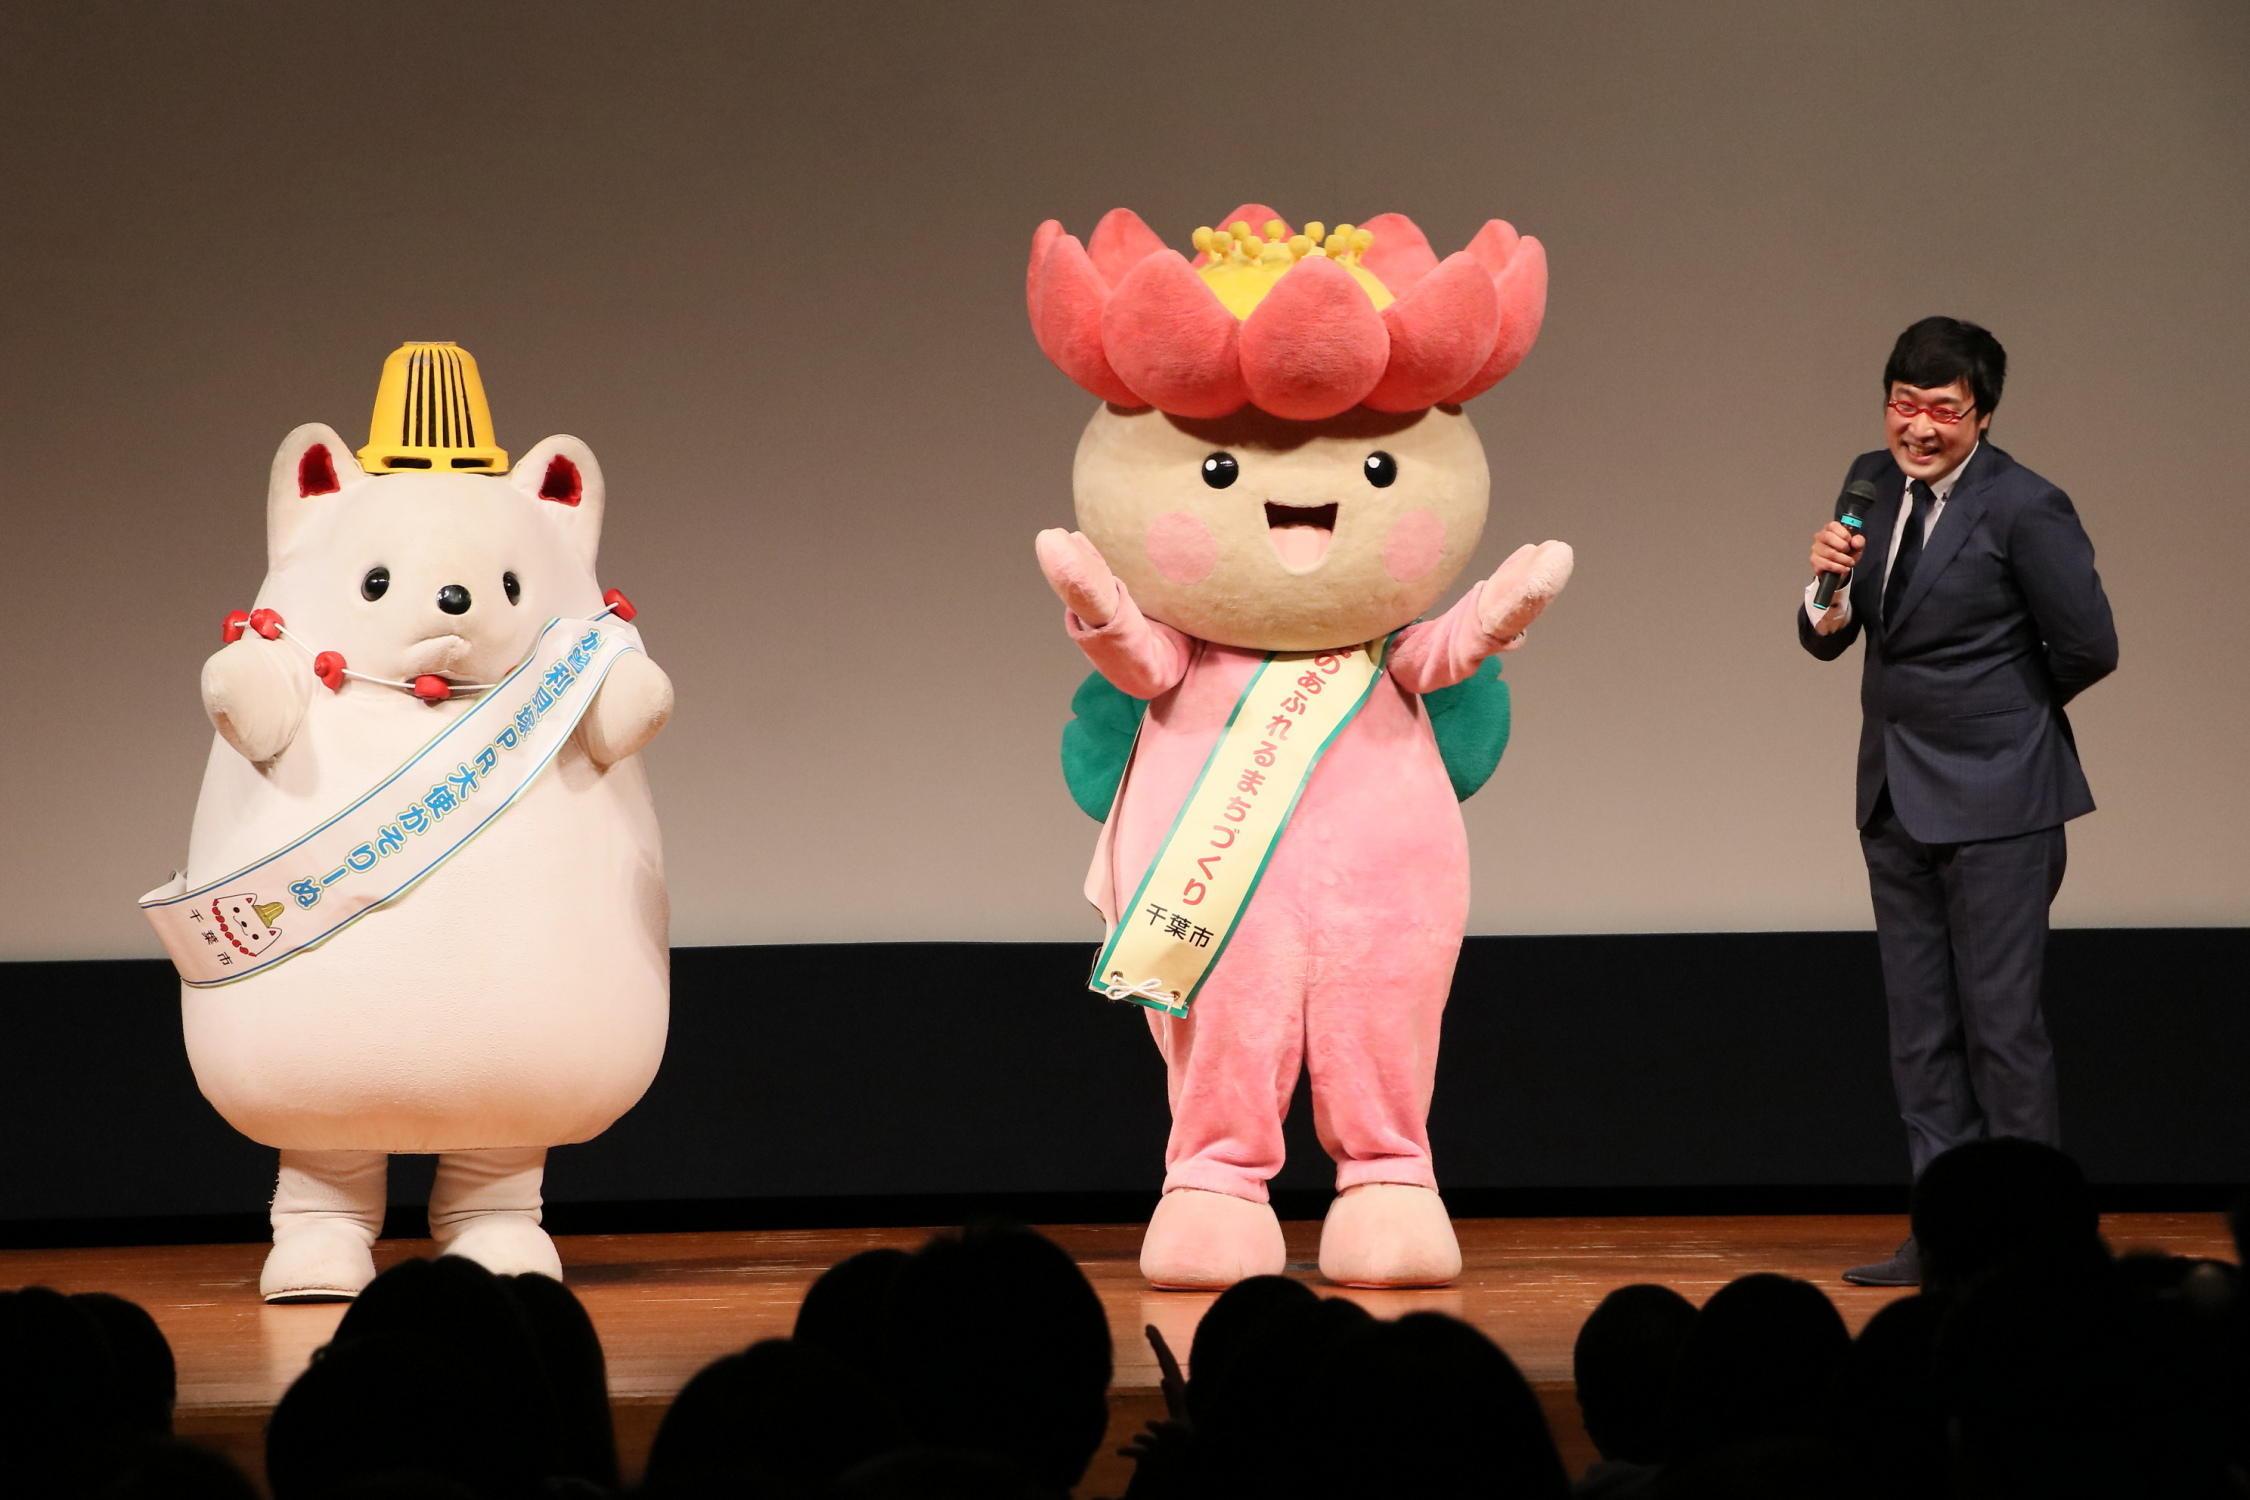 http://news.yoshimoto.co.jp/20180107132733-7ced80e7efea14fb0fa1852ecbc0acd2a312f106.jpg